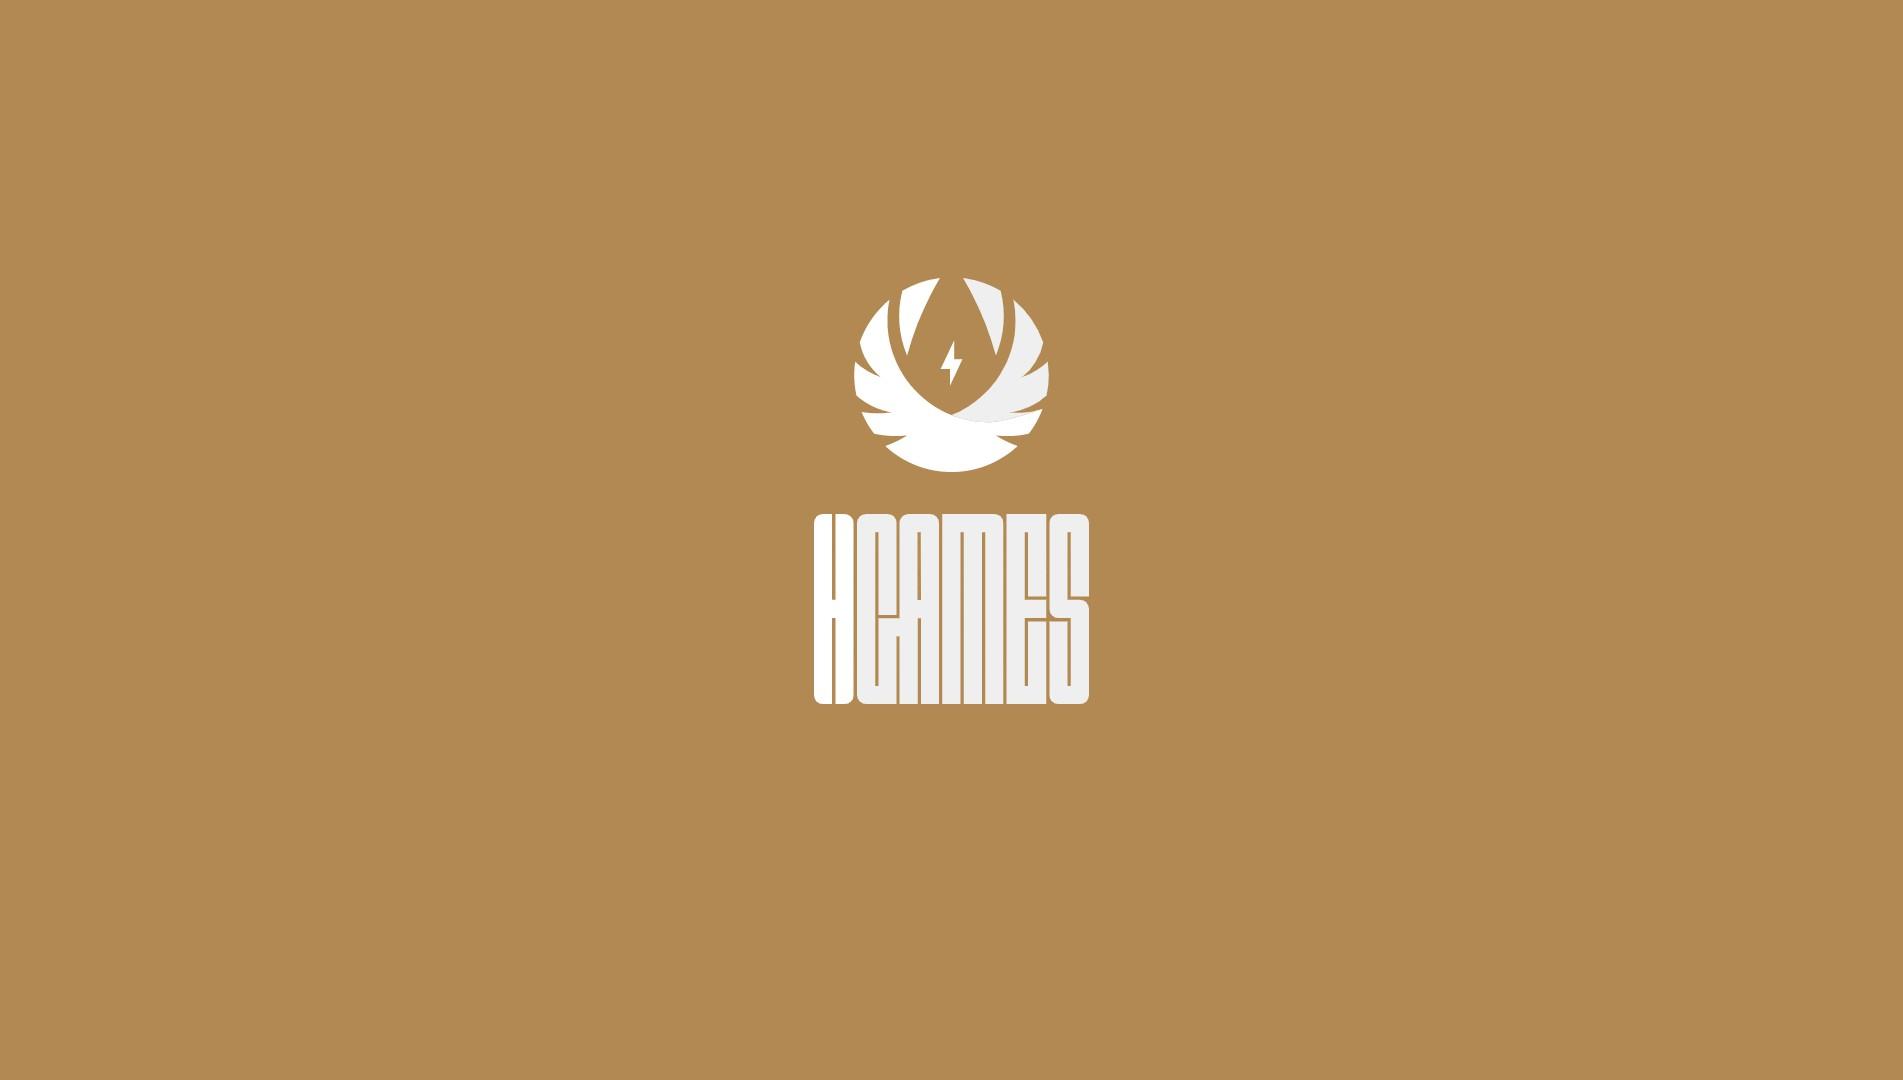 H-Games (1) logo